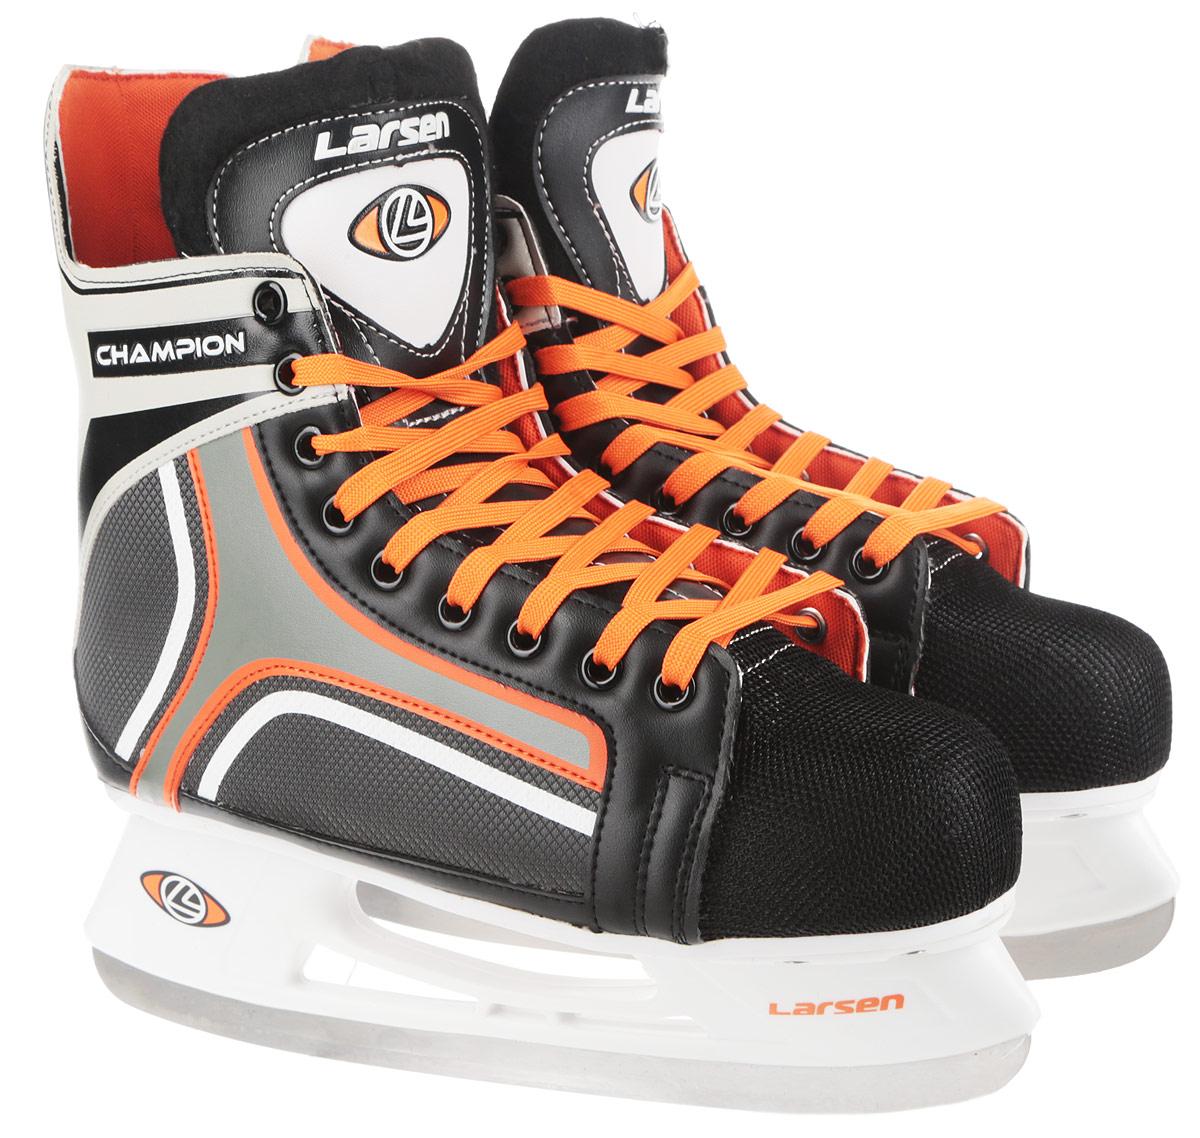 Коньки хоккейные мужские Larsen Champion, цвет: черный, белый, оранжевый. Размер 38ChampionСтильные коньки Champion от Larsen прекрасно подойдут для начинающих игроков в хоккей. Ботинок выполнен из морозоустойчивого поливинилхлорида. Мыс дополнен вставкой из полипропилена, покрытого сетчатым нейлоном, которая защитит ноги от ударов. Внутренний слой изготовлен из мягкого текстиля, который обеспечит тепло и комфорт во время катания, язычок - из войлока. Плотная шнуровка надежно фиксирует модель на ноге. Голеностоп имеет удобный суппорт. Стелька из EVA с текстильной поверхностью обеспечит комфортное катание. Стойка выполнена из ударопрочного полипропилена. Лезвие из нержавеющей стали обеспечит превосходное скольжение. В комплект входят пластиковые чехлы для лезвий. Температура использования до -20°С.